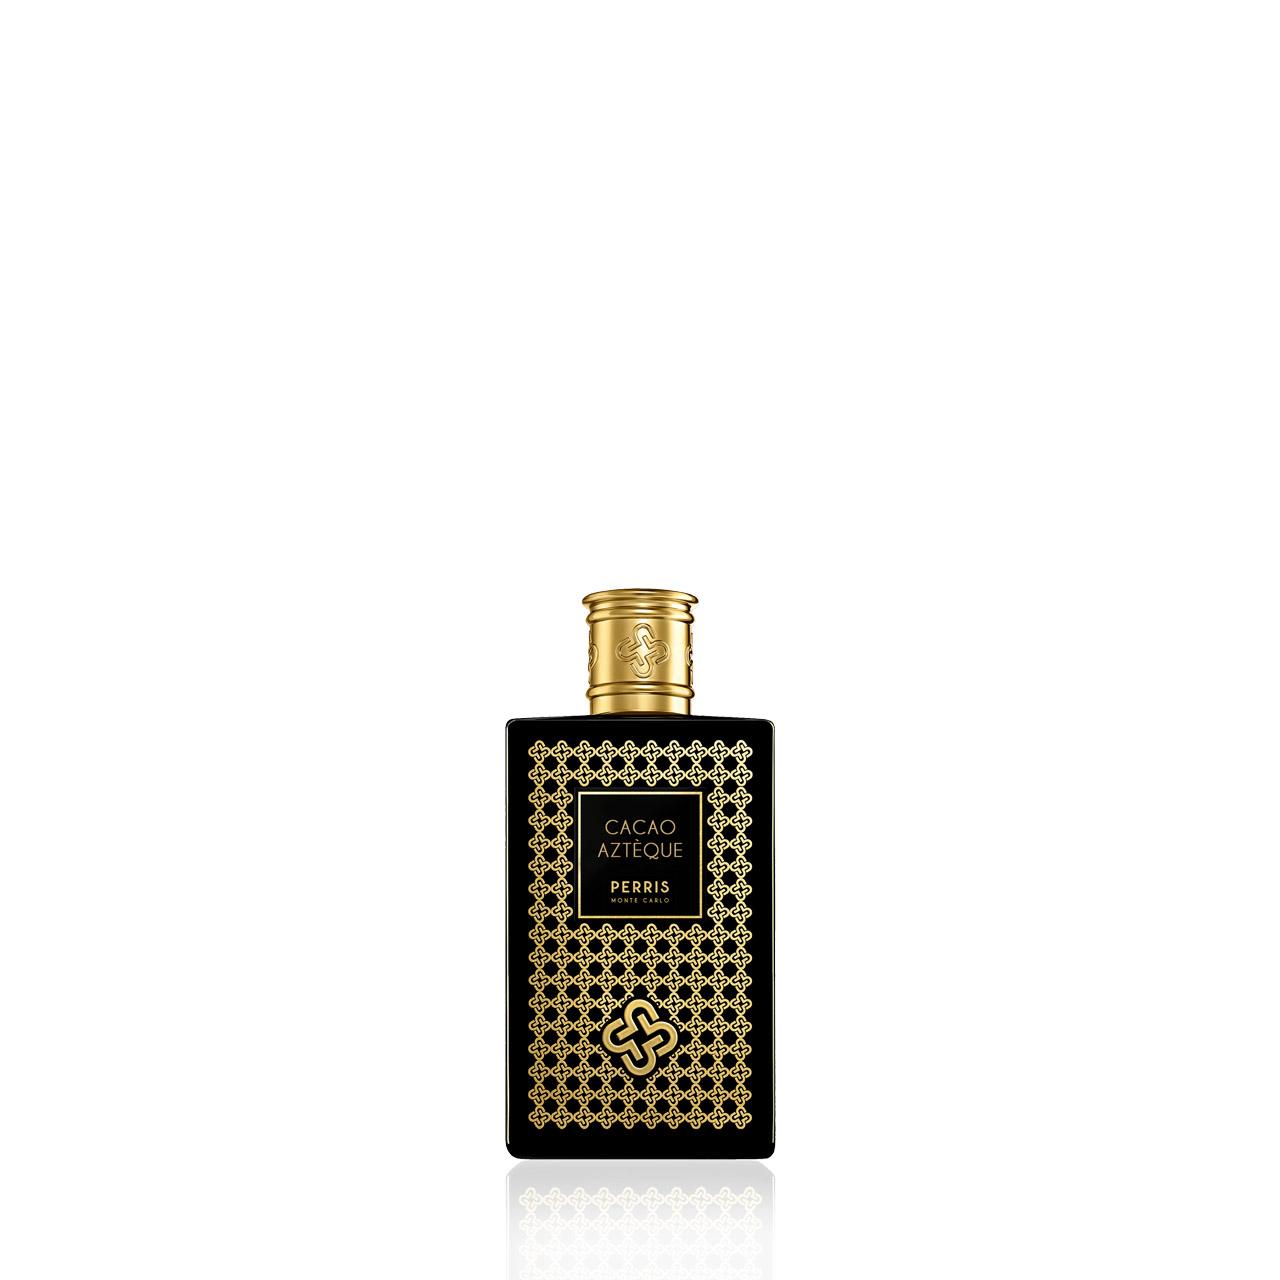 Cacao Azteque - Eau de Parfum